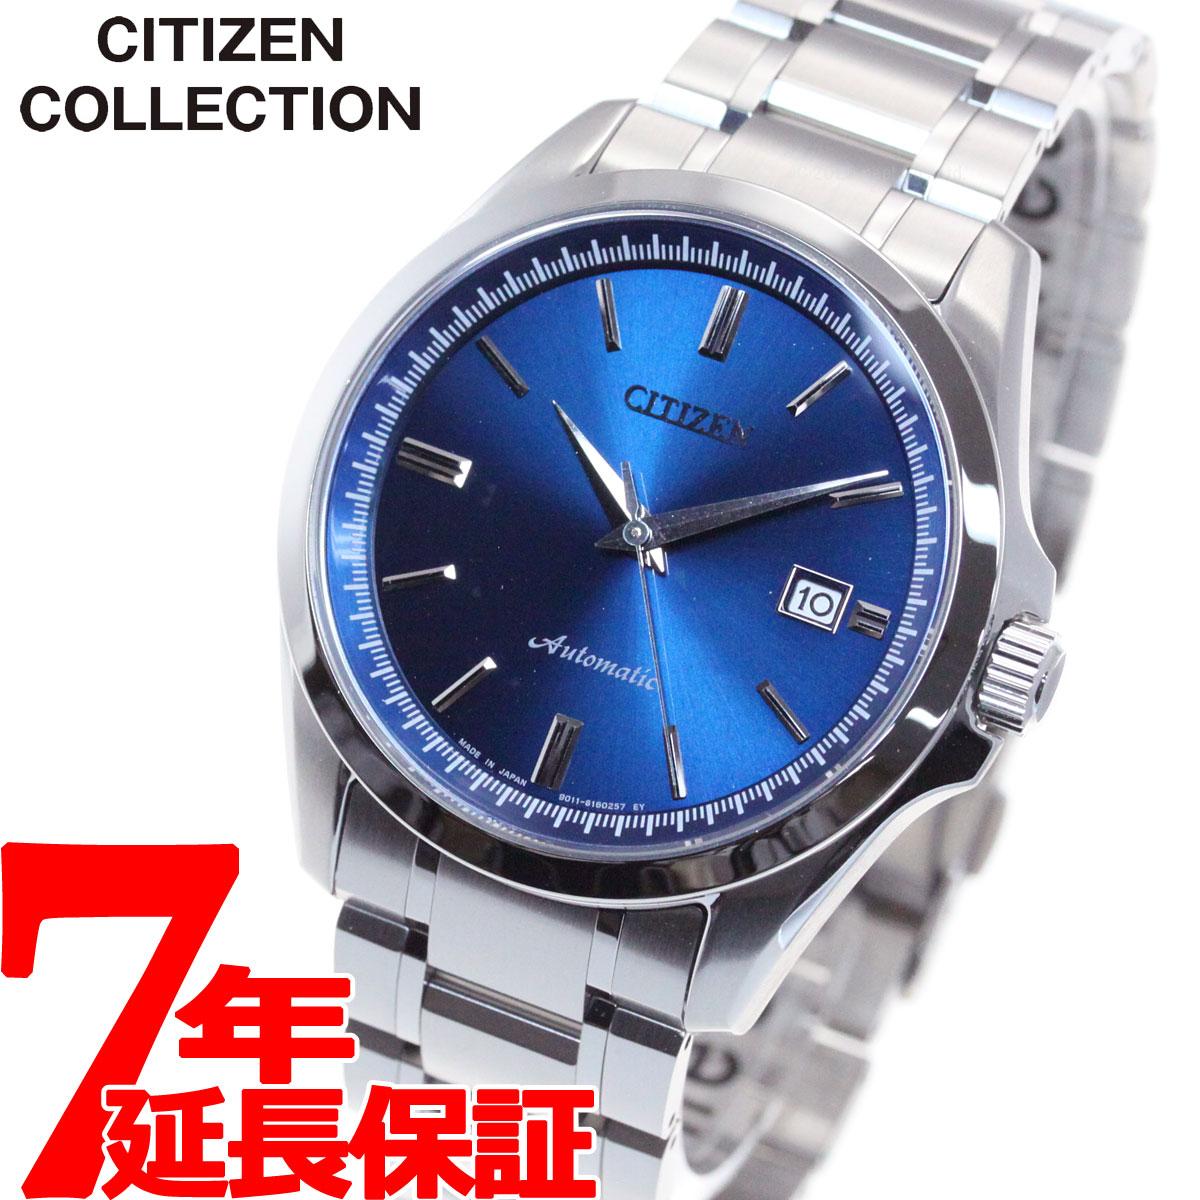 シチズンコレクション CITIZEN COLLECTION メカニカル 自動巻き 機械式 腕時計 メンズ NB1041-84L【2018 新作】